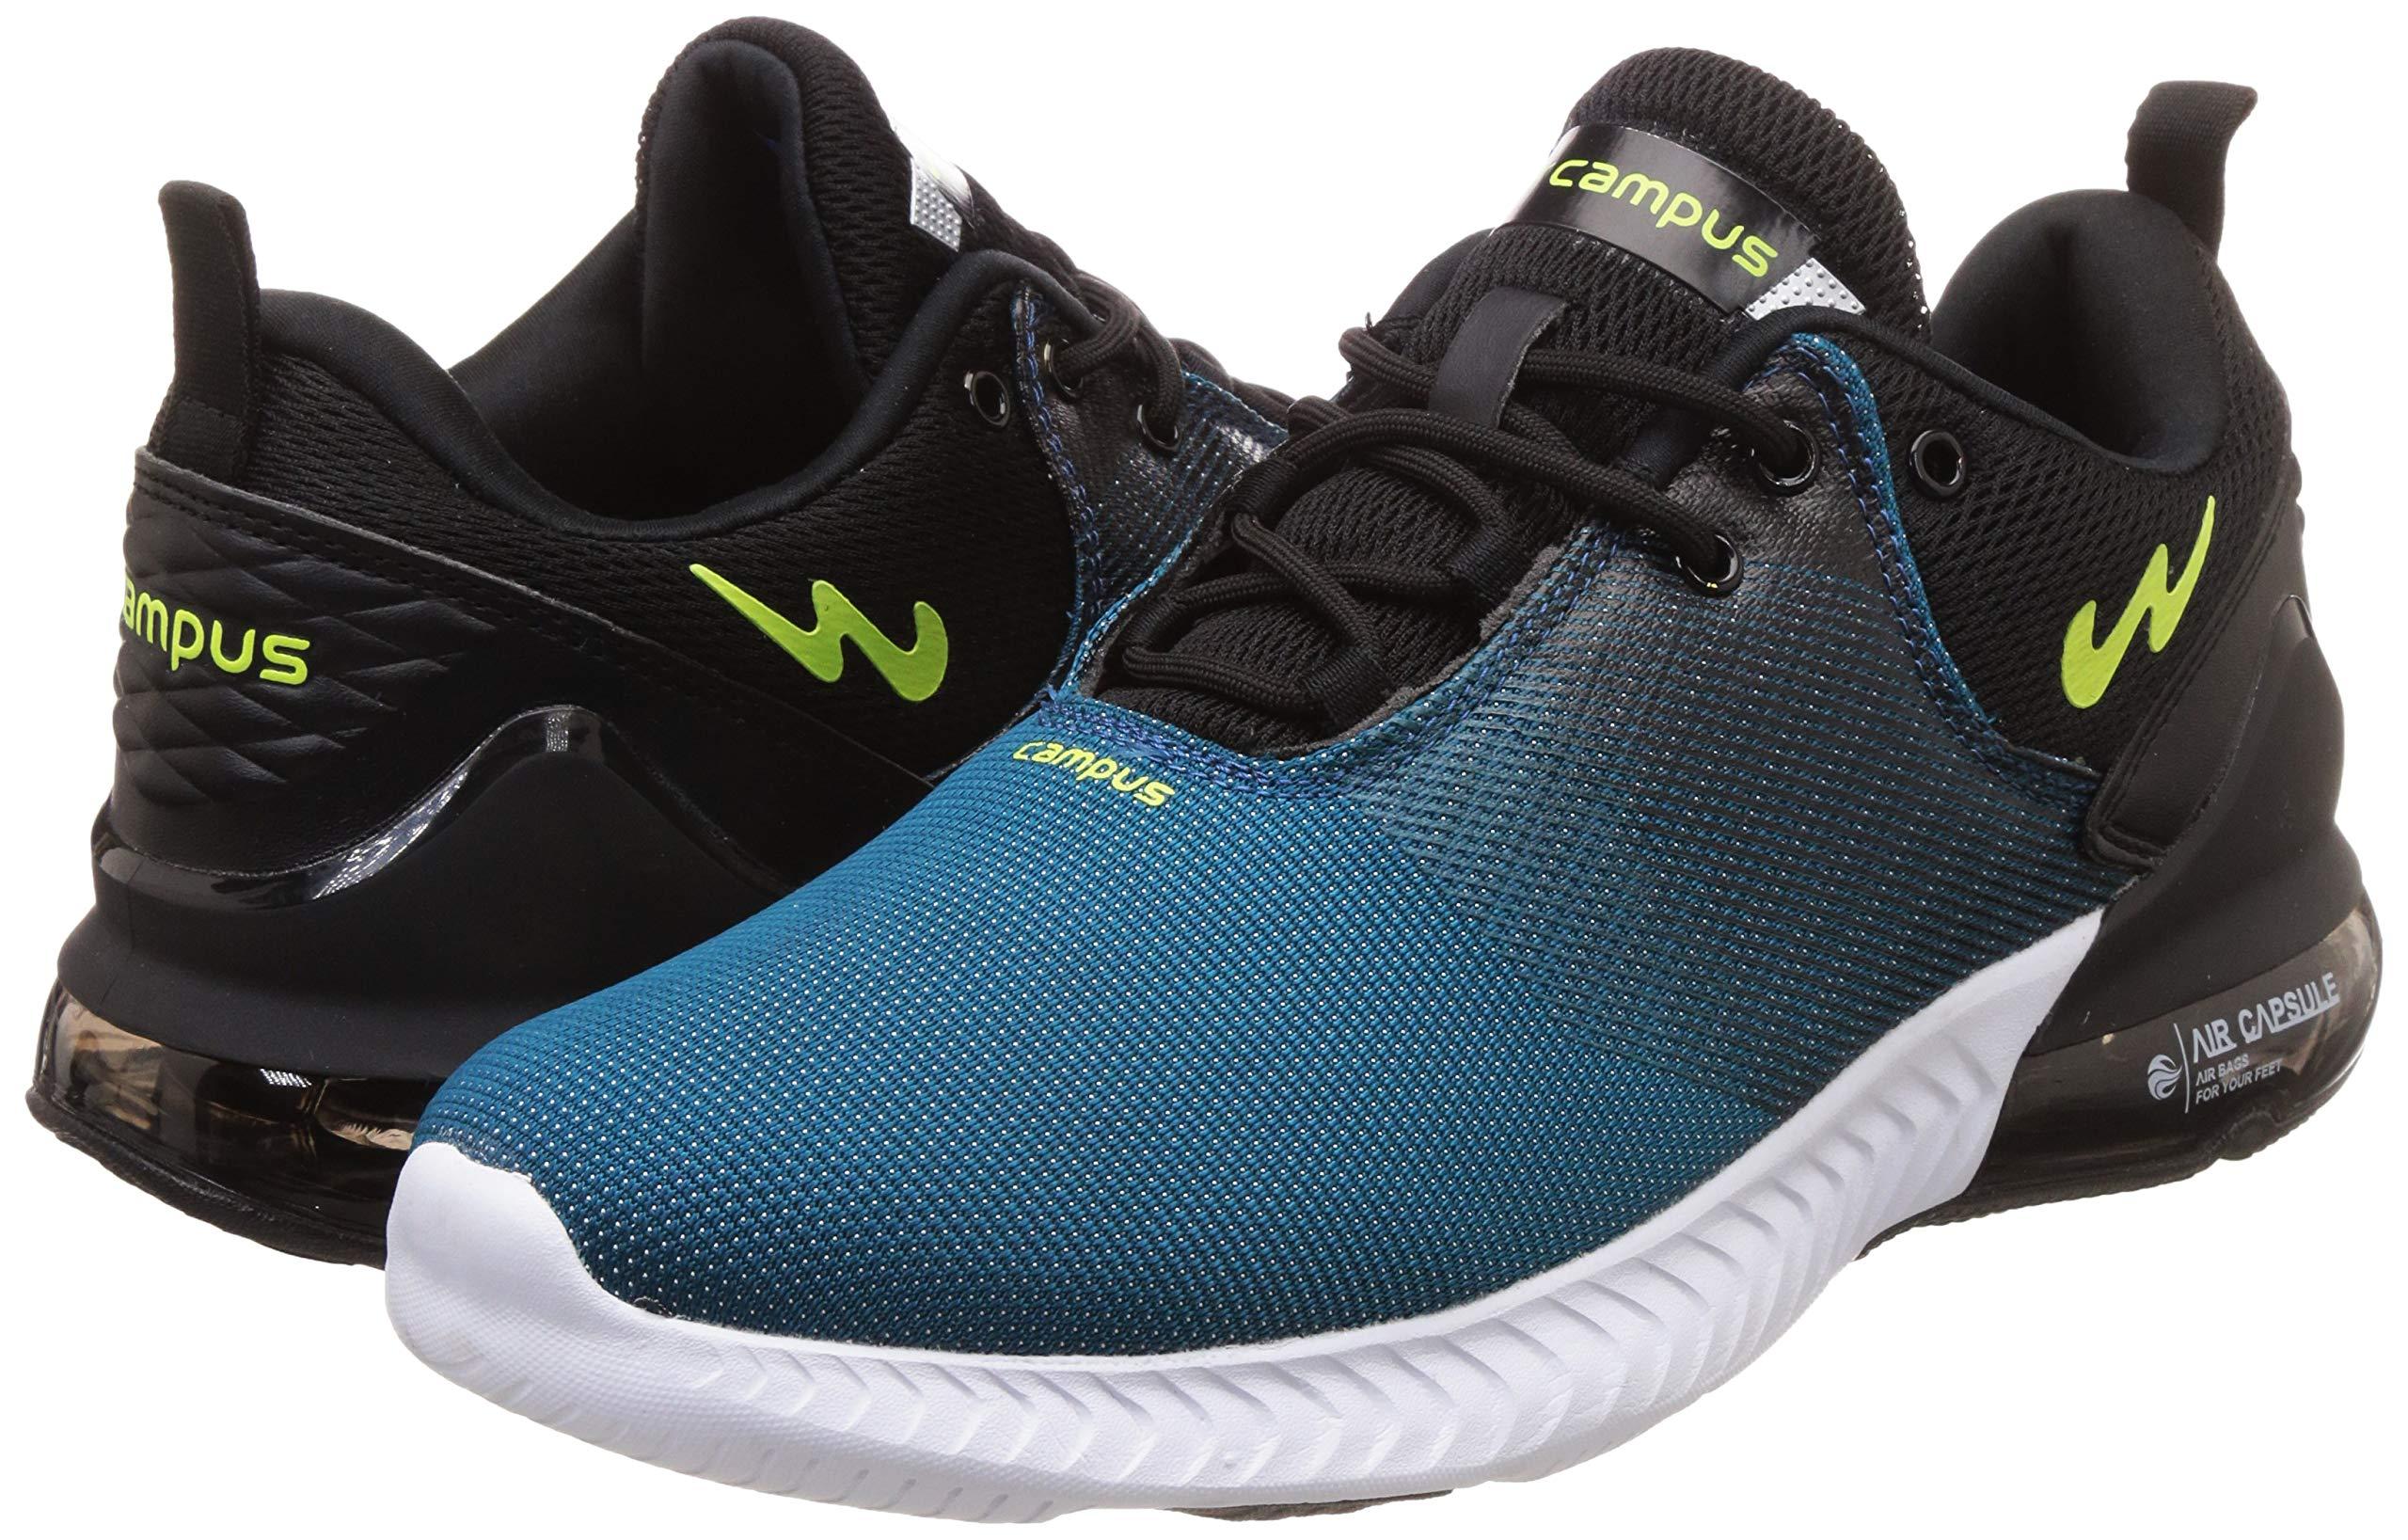 Styger-pro Running Sport Shoe